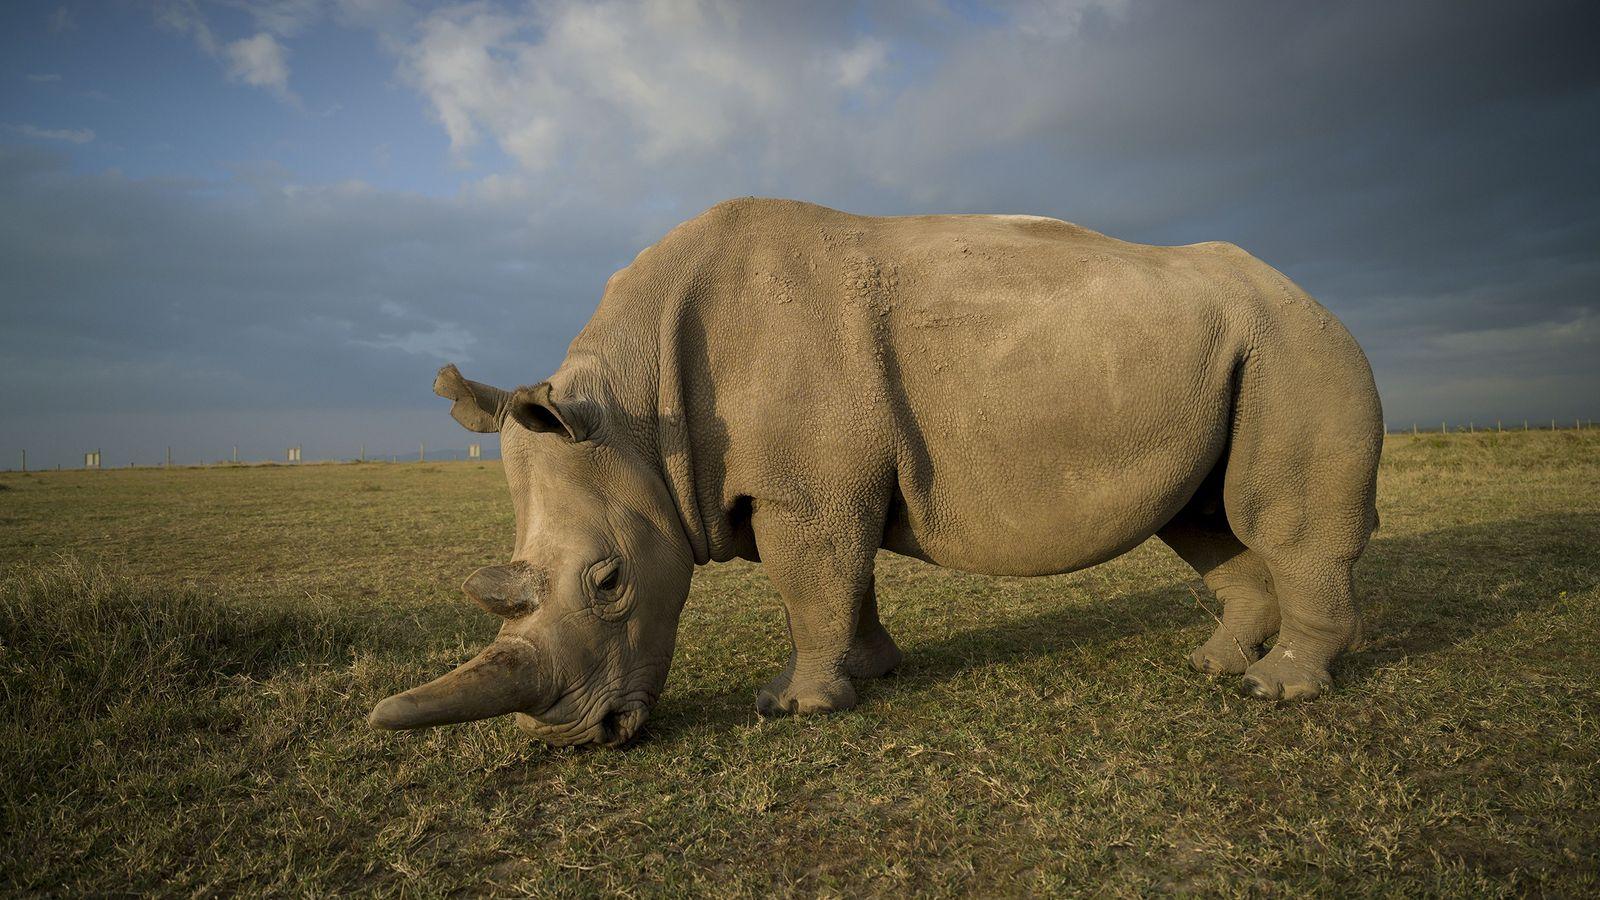 Najin, eins der beiden letzten Nördlichen Breitmaulnashörner, lebt im Ol Pejeta Schutzgebiet in Kenia. Thomas Hildebrandt ...